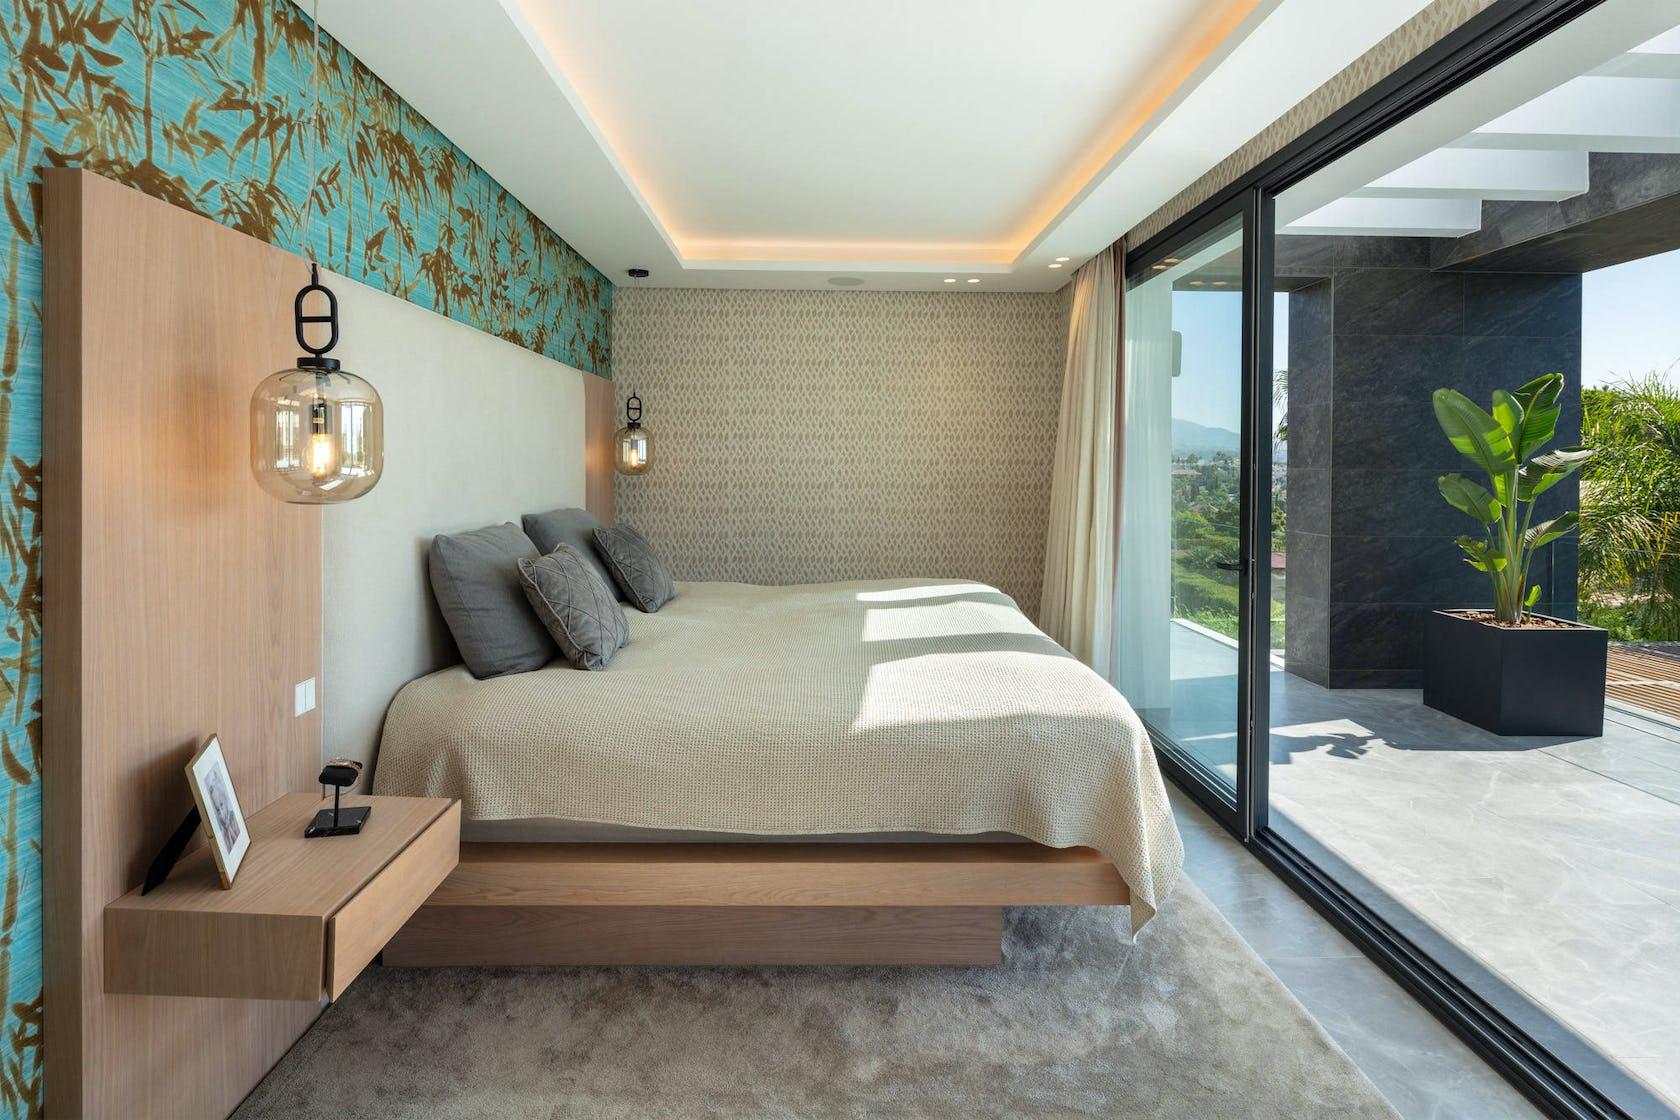 bedroom room indoors dorm room